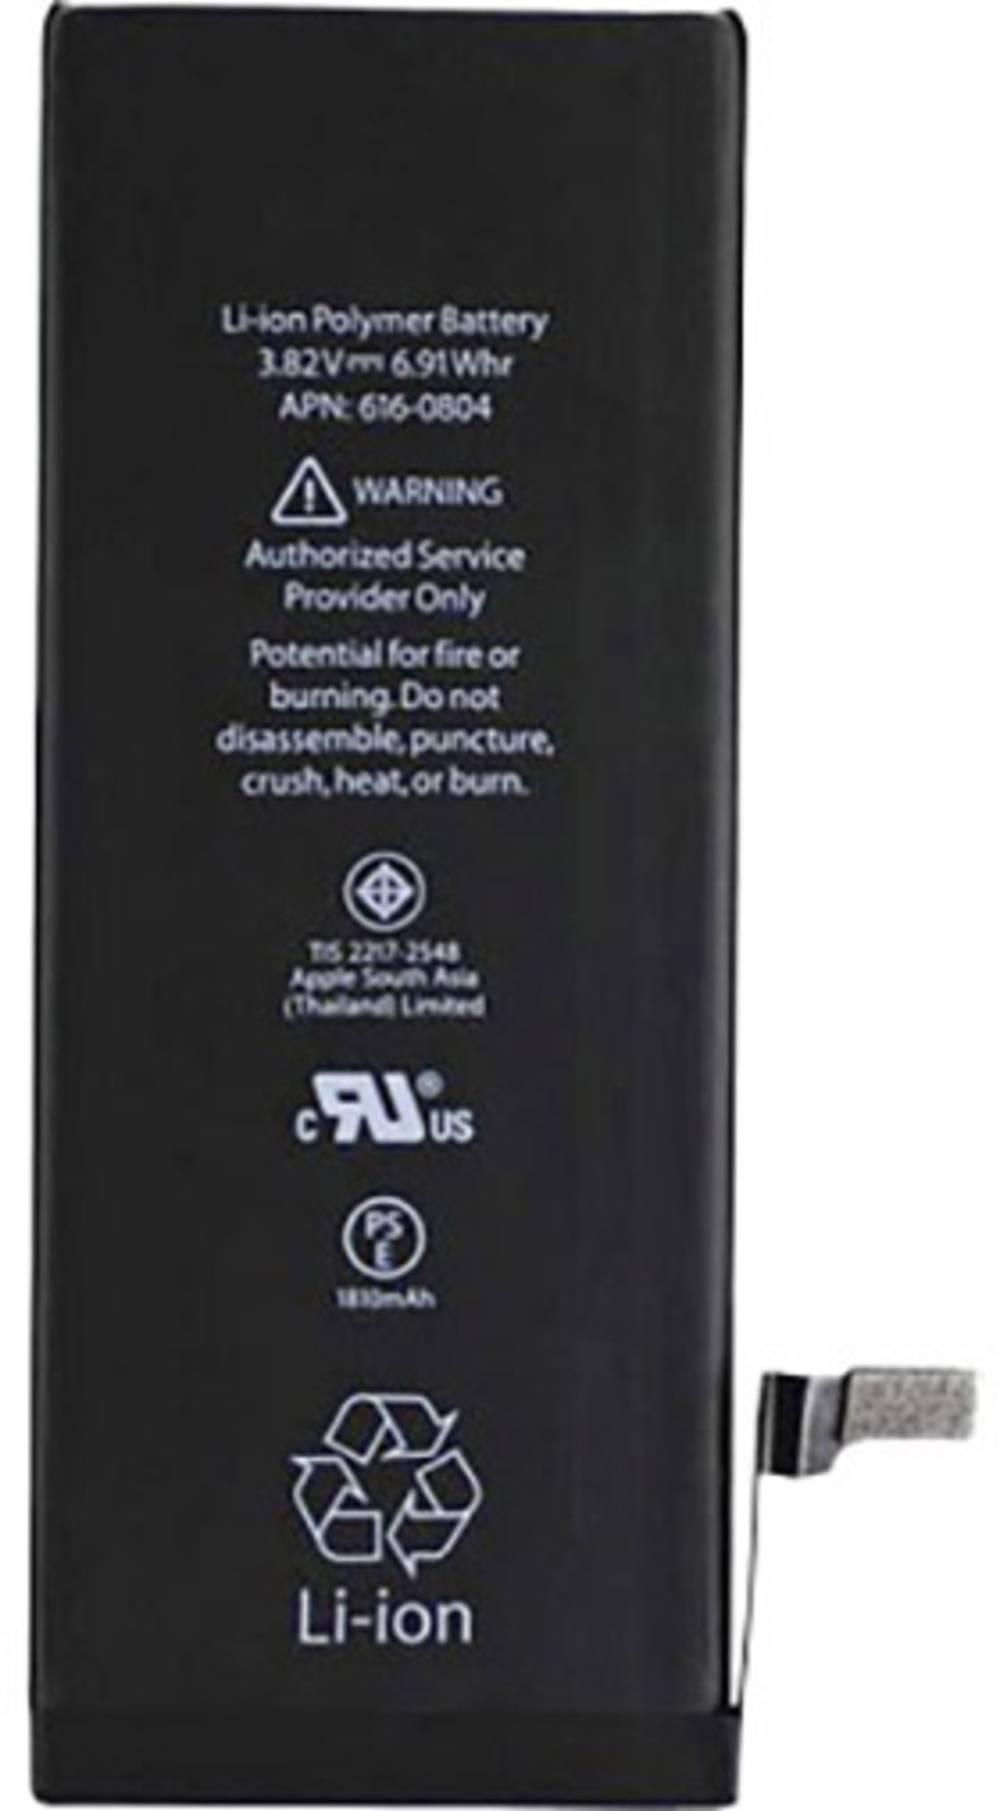 Apple originalni akumulator za Apple iPhone 6 APN-616-0804/806 (Bulk/OEM-razsuto/original oprema)